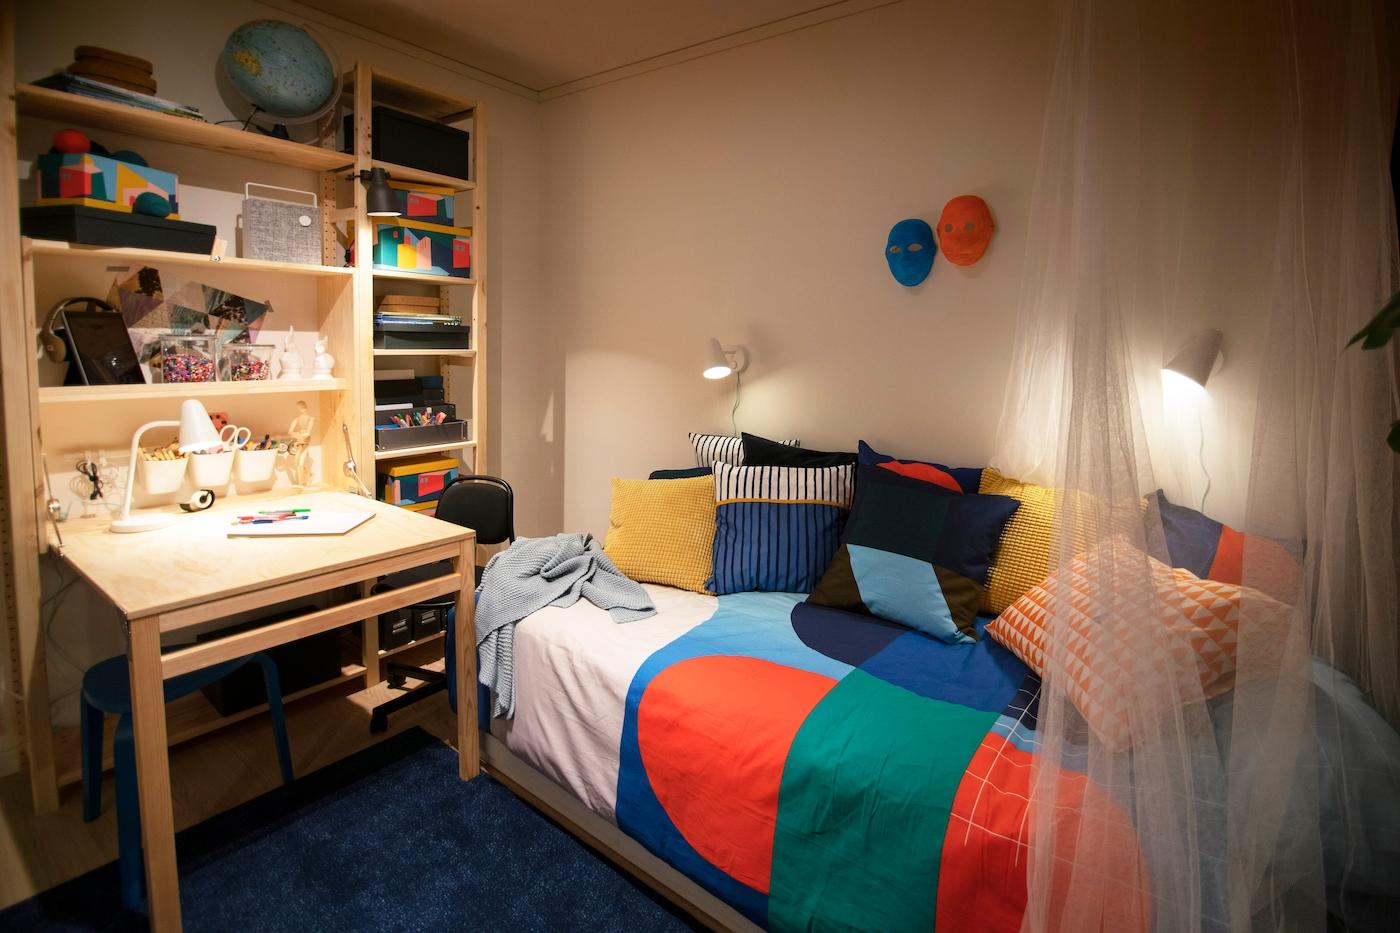 Barnrum med färgglada textilier och möbler i furu.